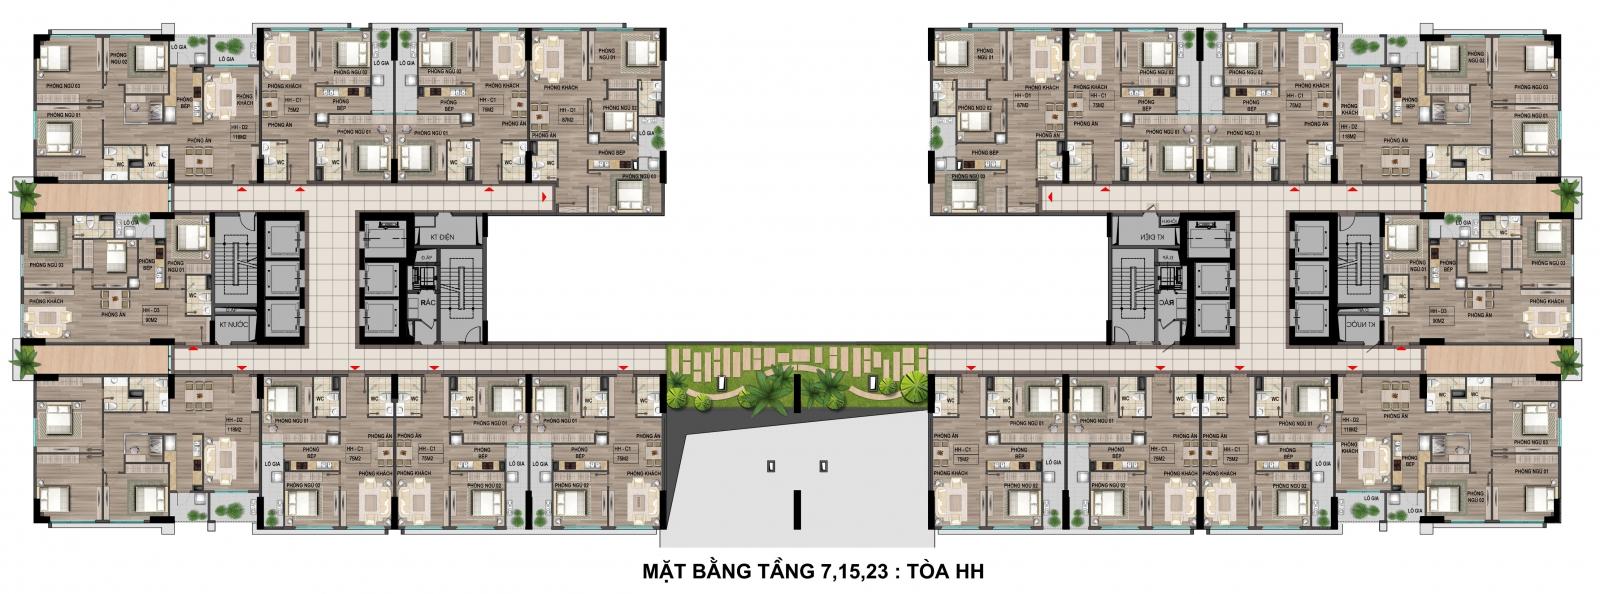 mat-bang-tang-7-15-23